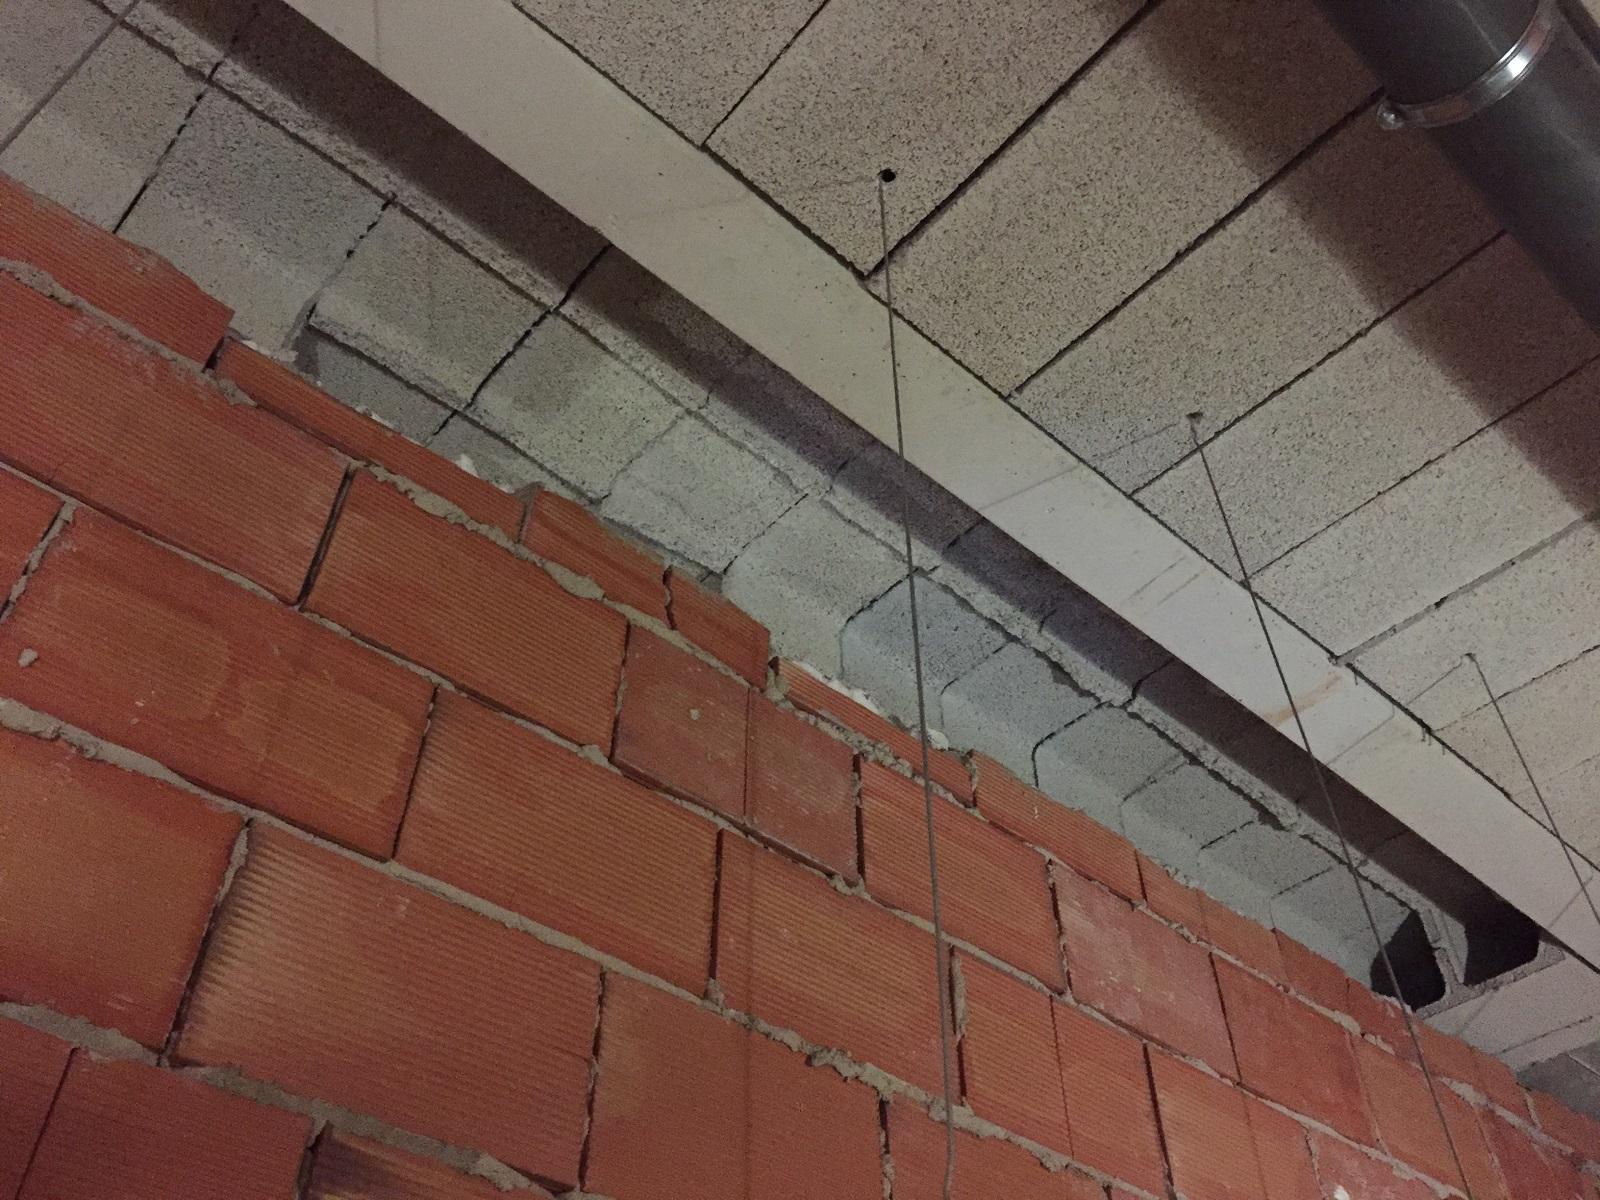 Reparaci n bovedillas forjado cc6 nacho navarro - Tapar agujero techo ...